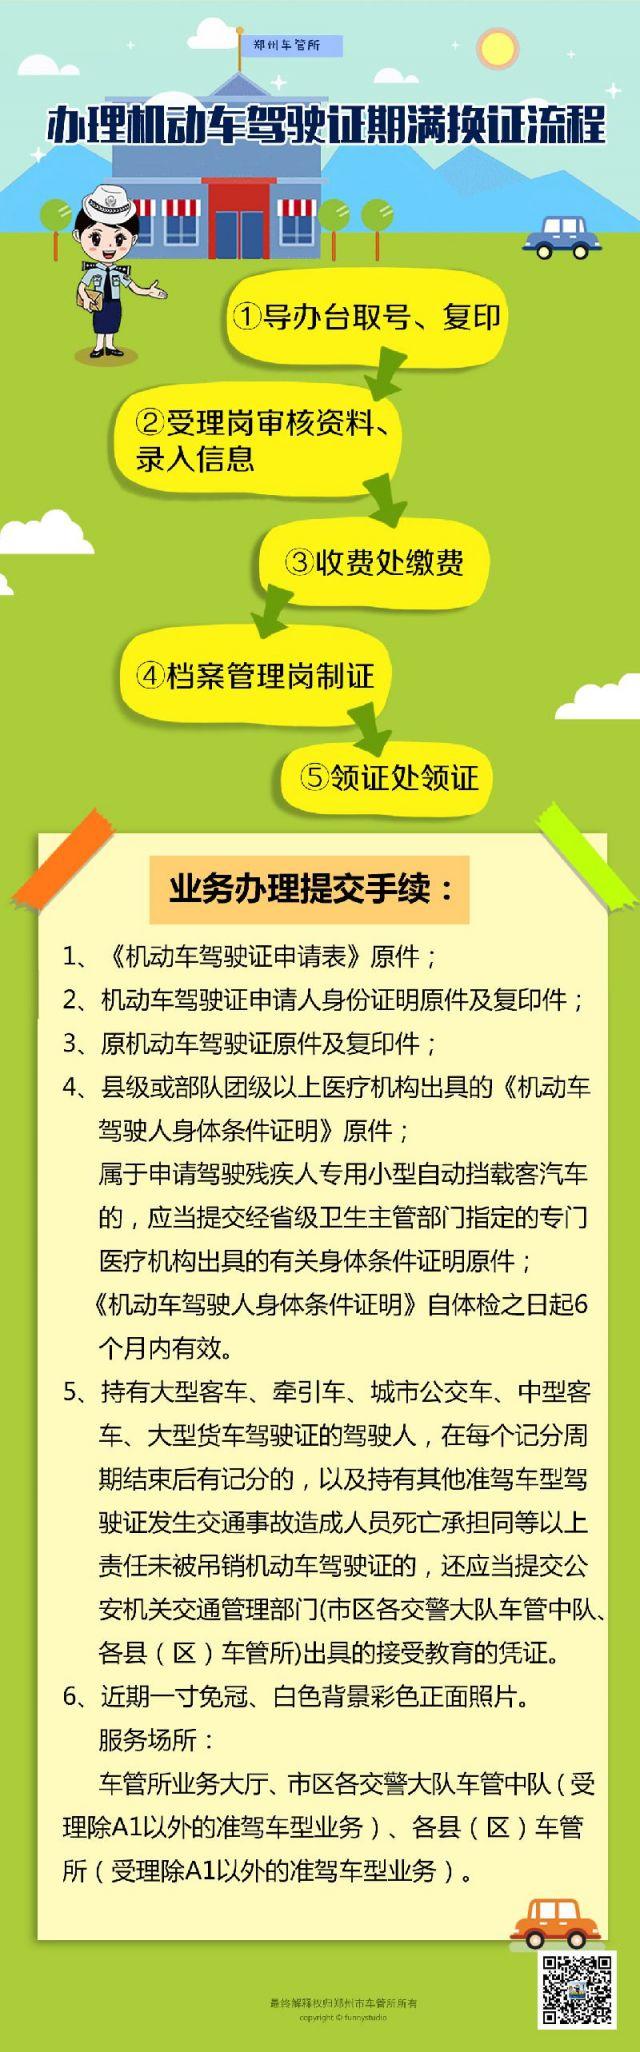 郑州驾驶证到期换证办理流程及材料一览